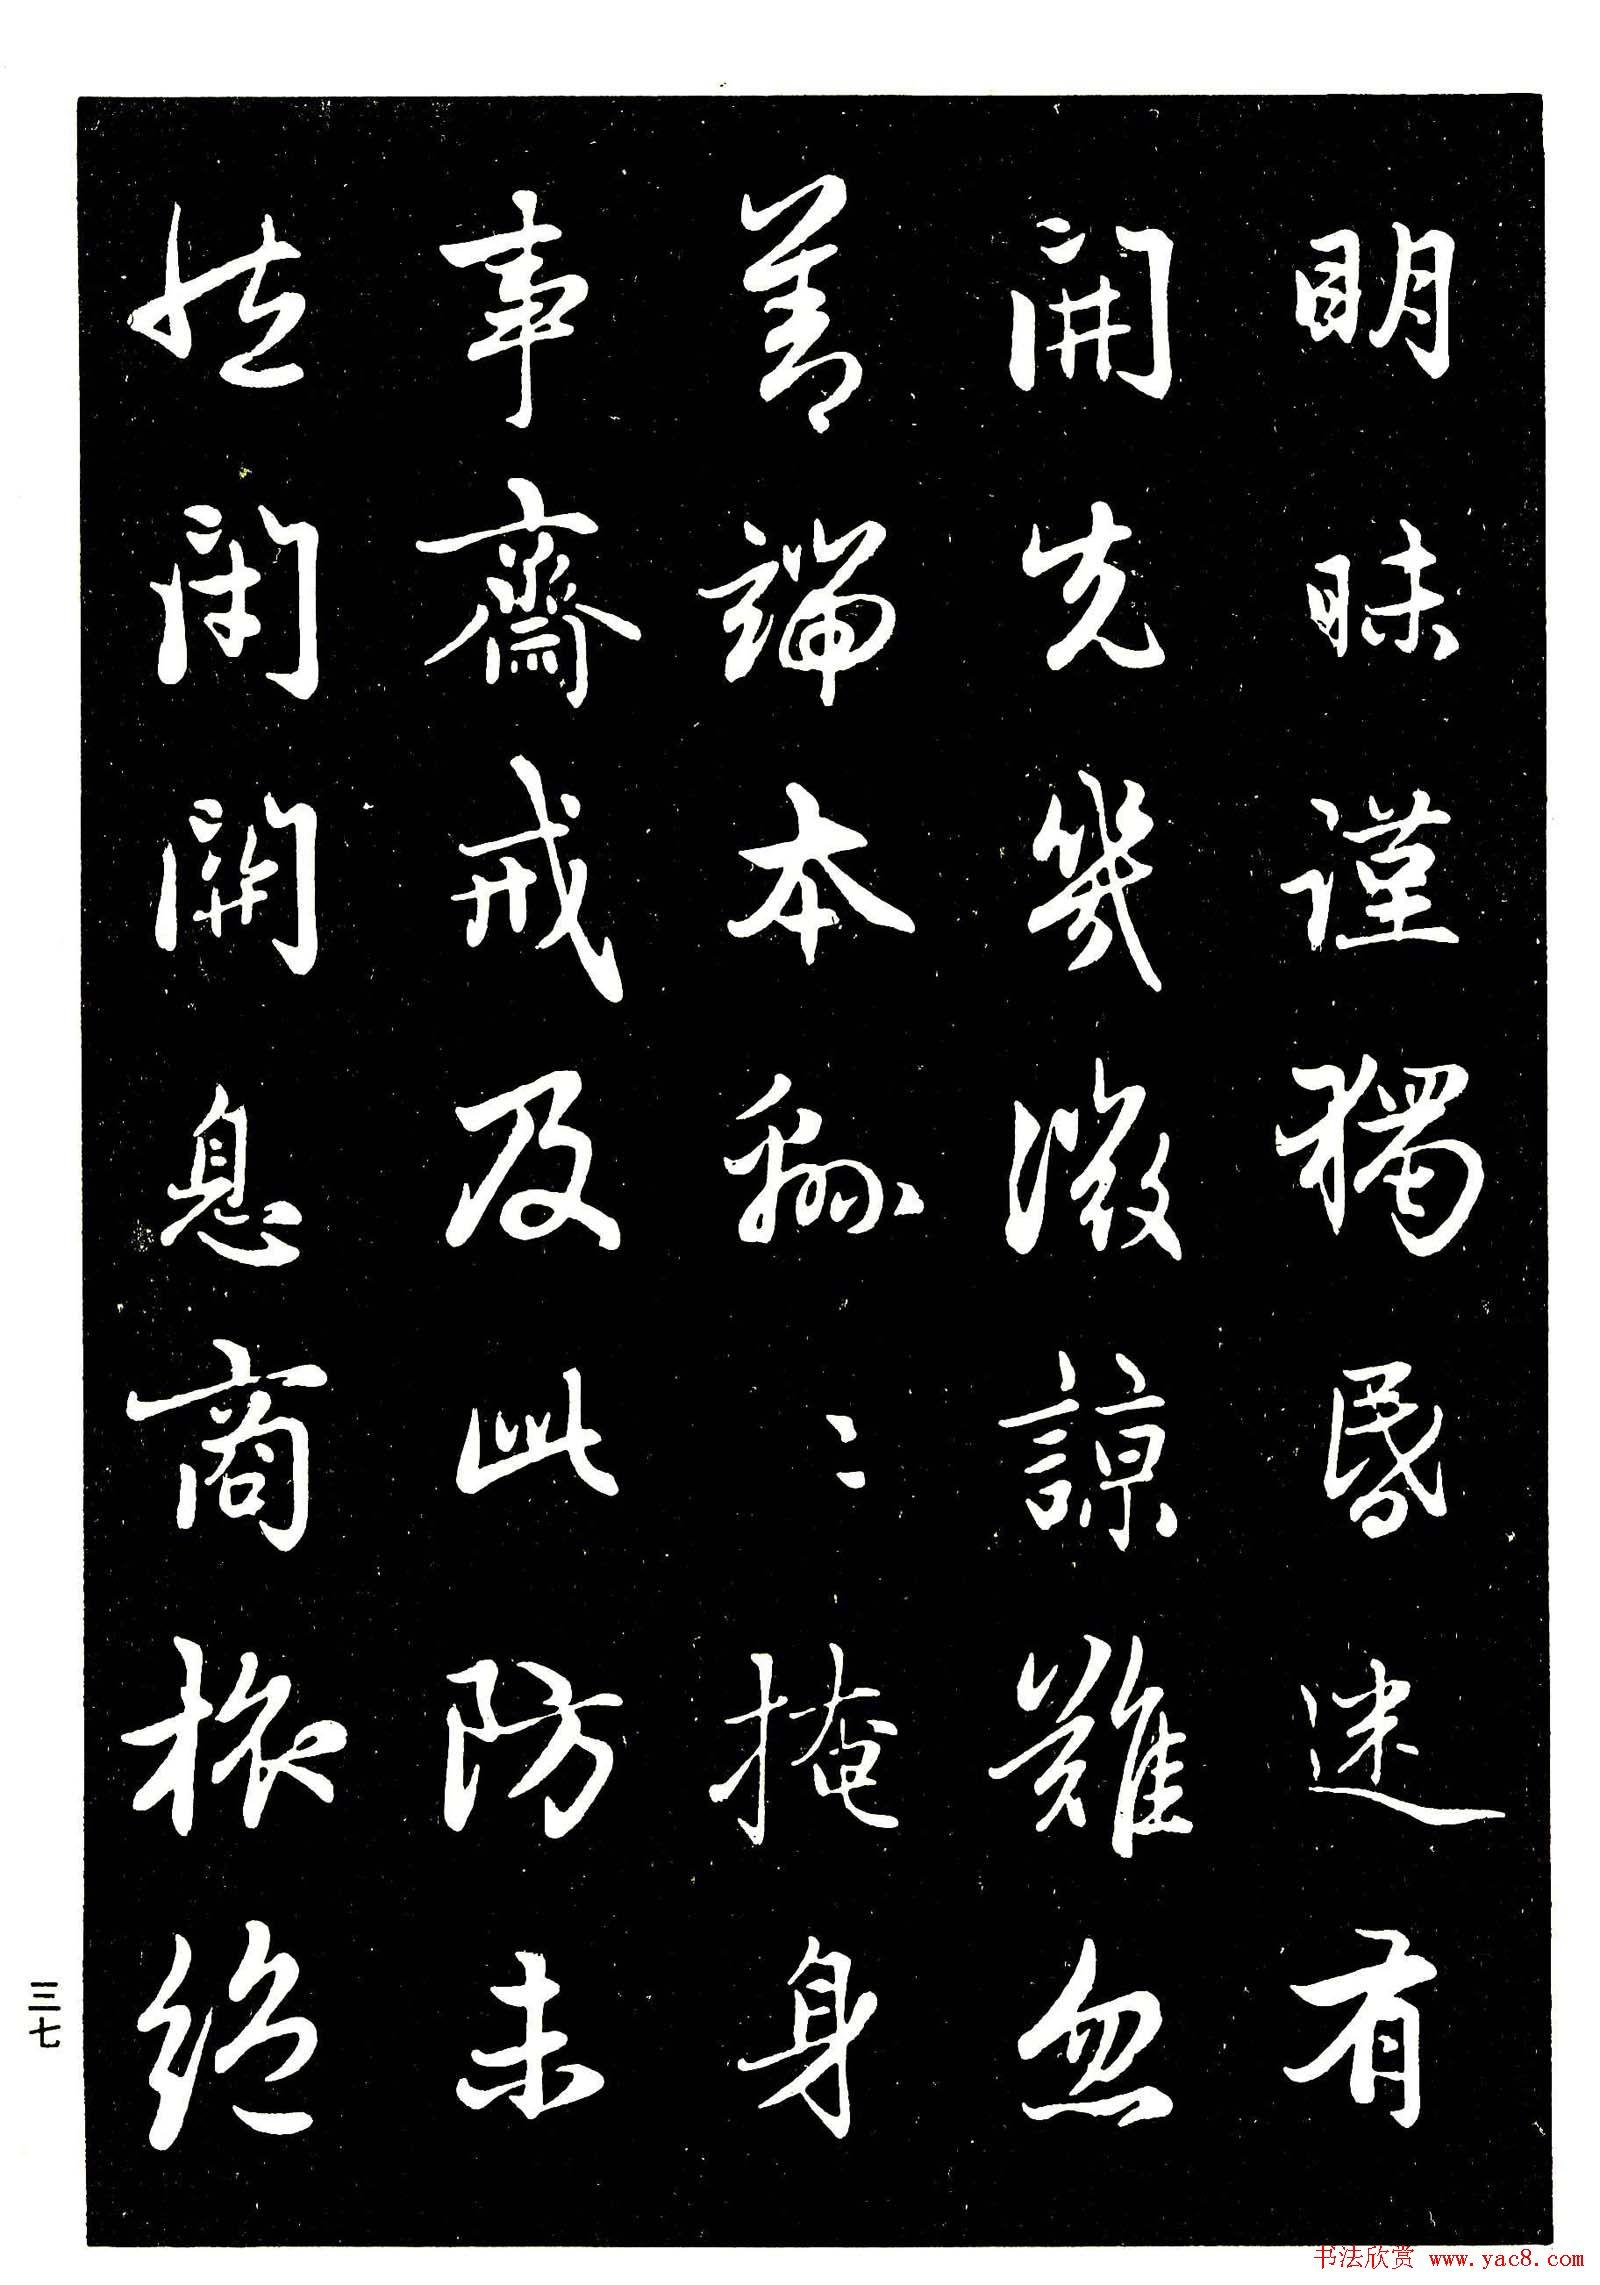 高清晰字帖毛笔v字帖《赵孟视频行书》(13)字帖补蛇图片